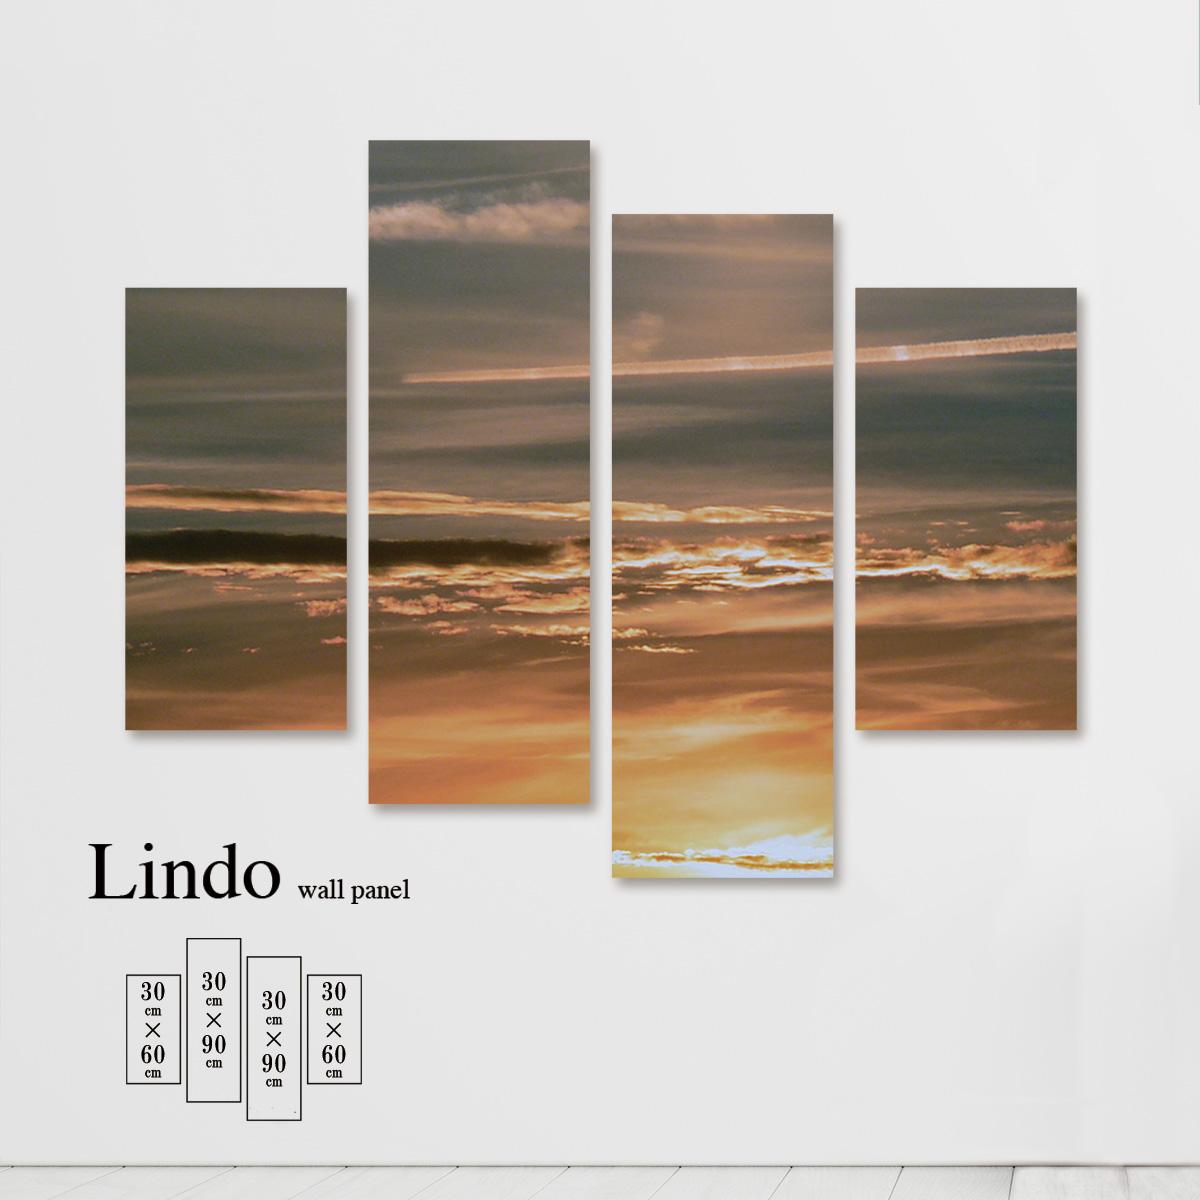 ファブリックパネル 海 海面 海岸 浜辺 ビーチ 風景 景色 夕焼け 夕暮れ 壁掛け 北欧 お洒落 デザイン アート 壁飾り アートボード 4枚パネル